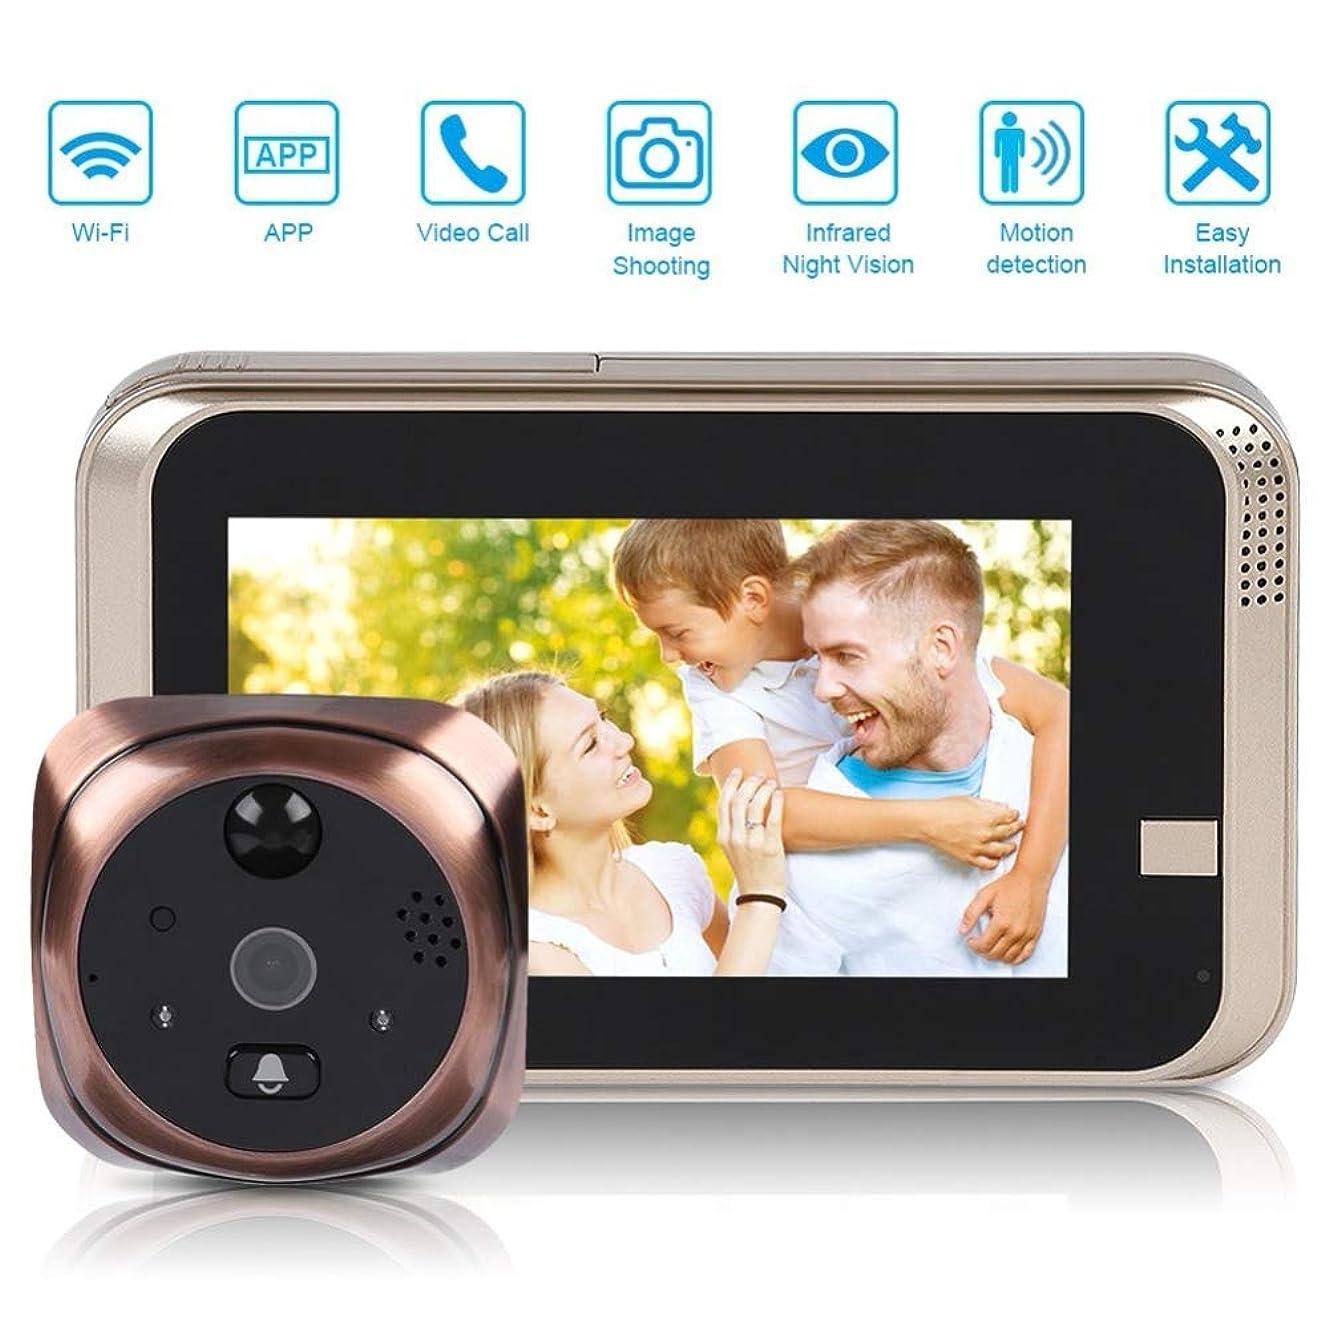 たるみ費やす追い出す4.3インチインテリジェントビデオドアベルリモートインターホンアクセス制御システムHD 1000TVL赤外線カメラ